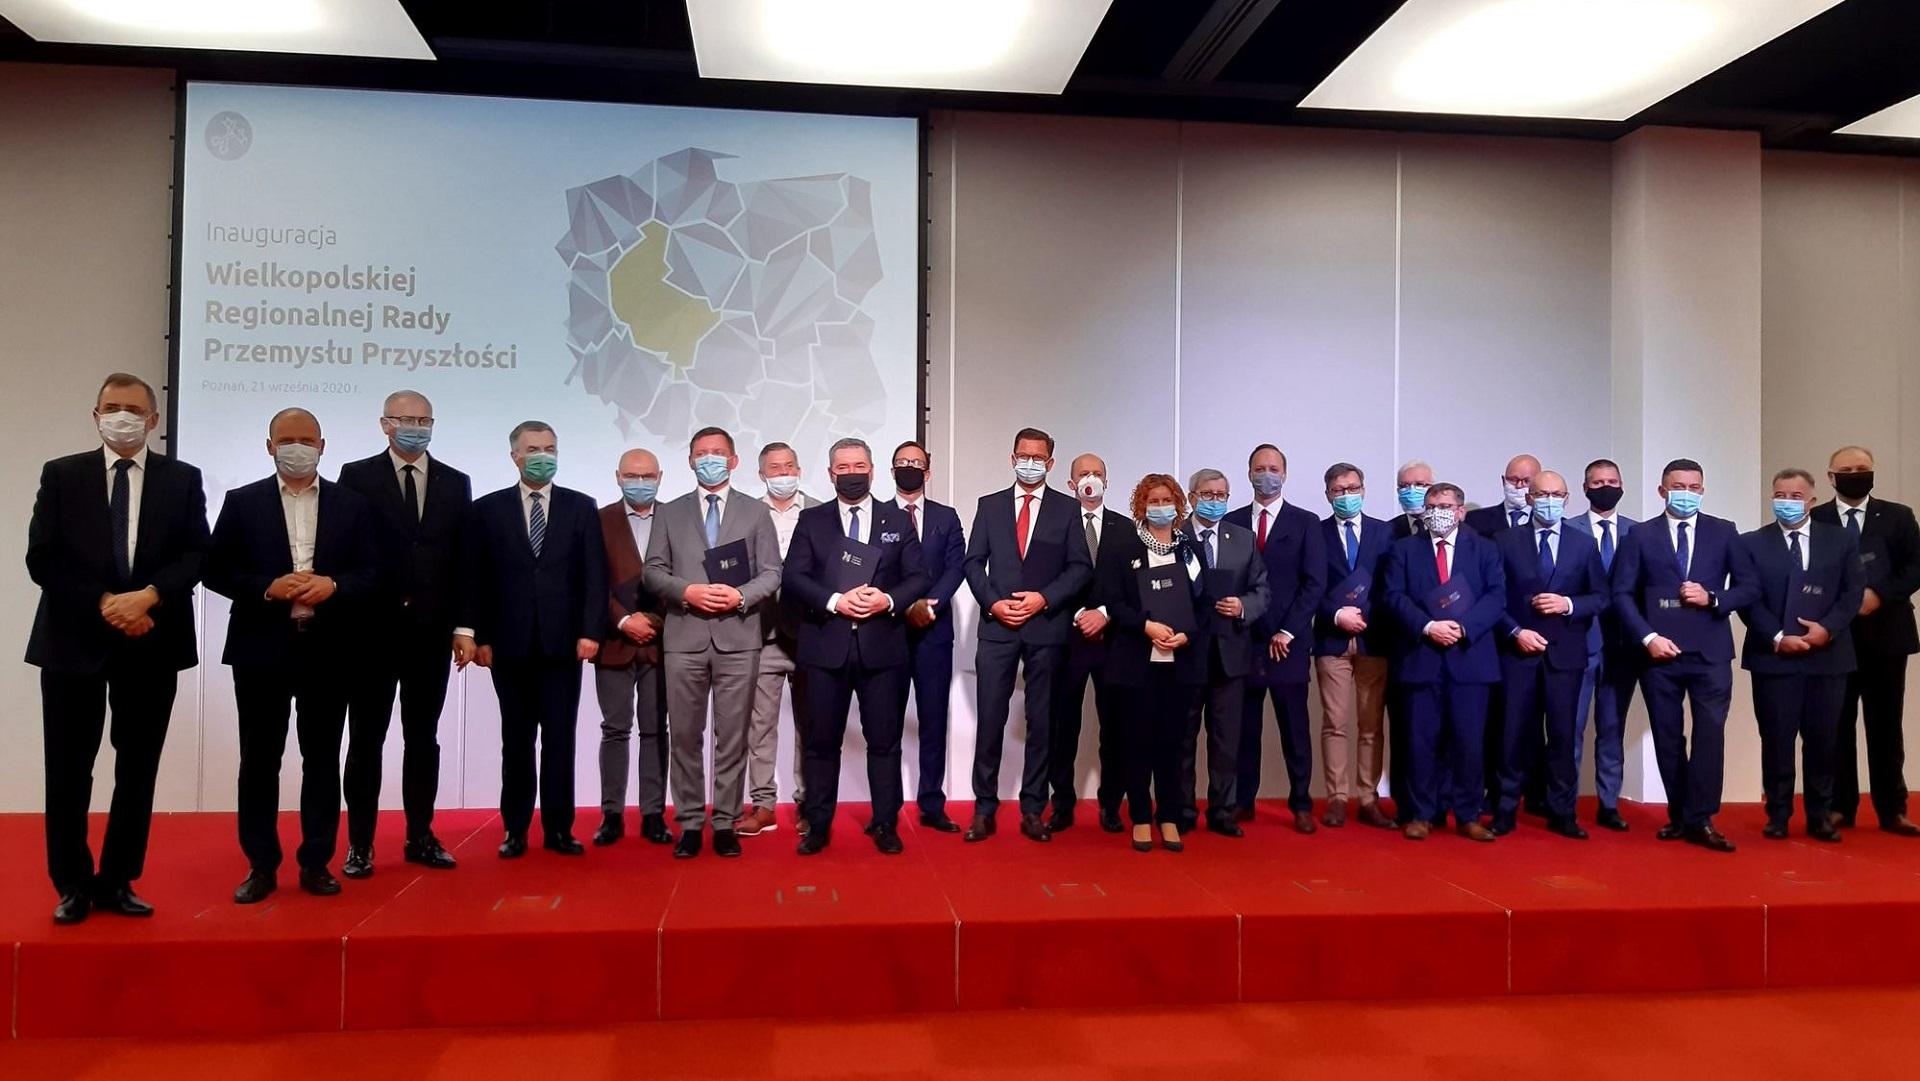 Dyrektor PCSS, Cezary Mazurek, powołany na stanowisko wiceprzewodniczącego Wielkopolskiej Regionalnej Rady Przemysłu Przyszłości